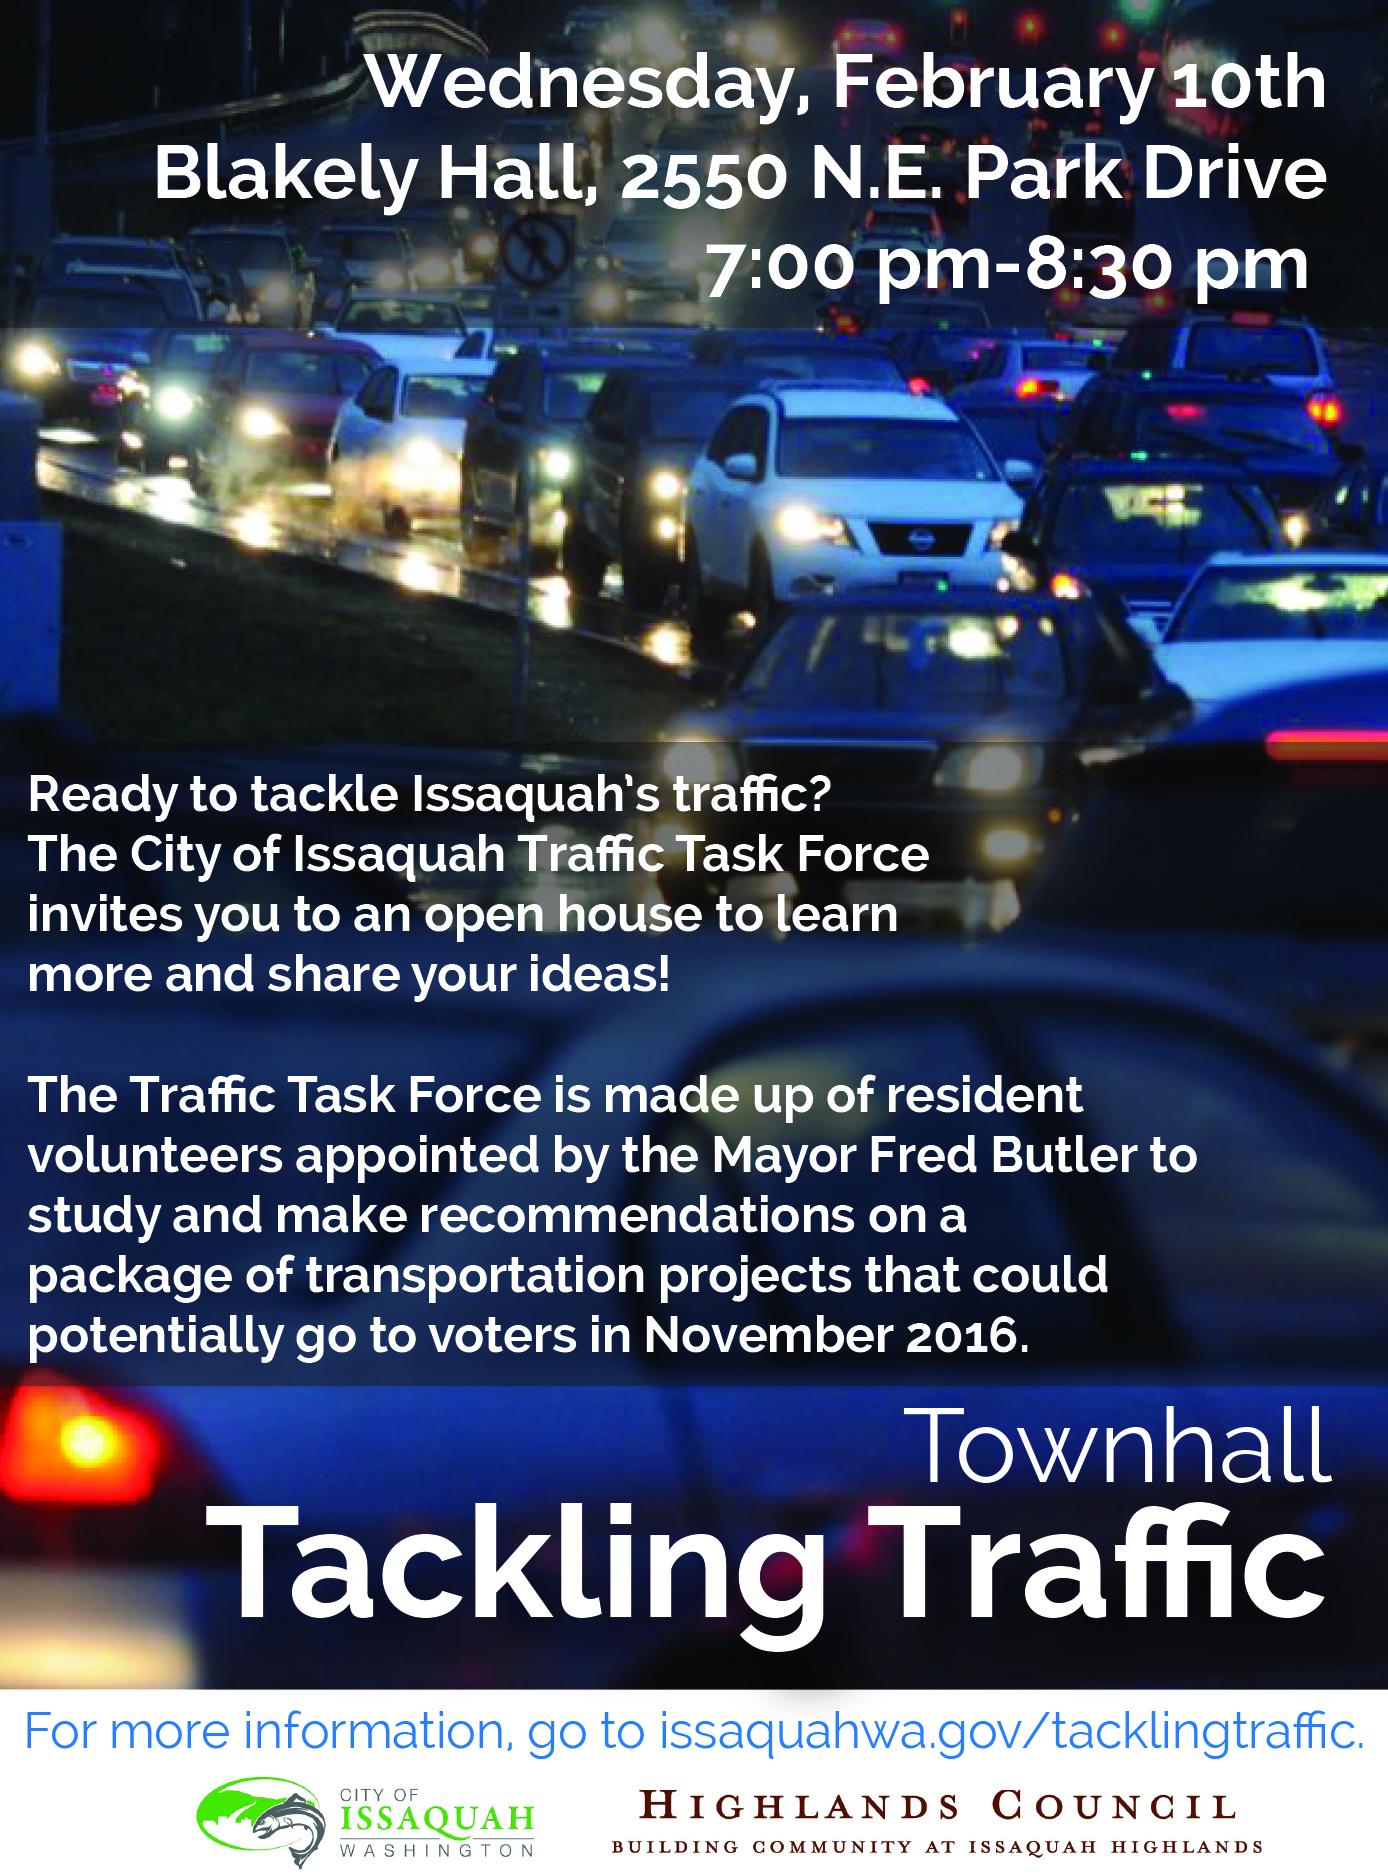 Tackling Traffic16 QP ad